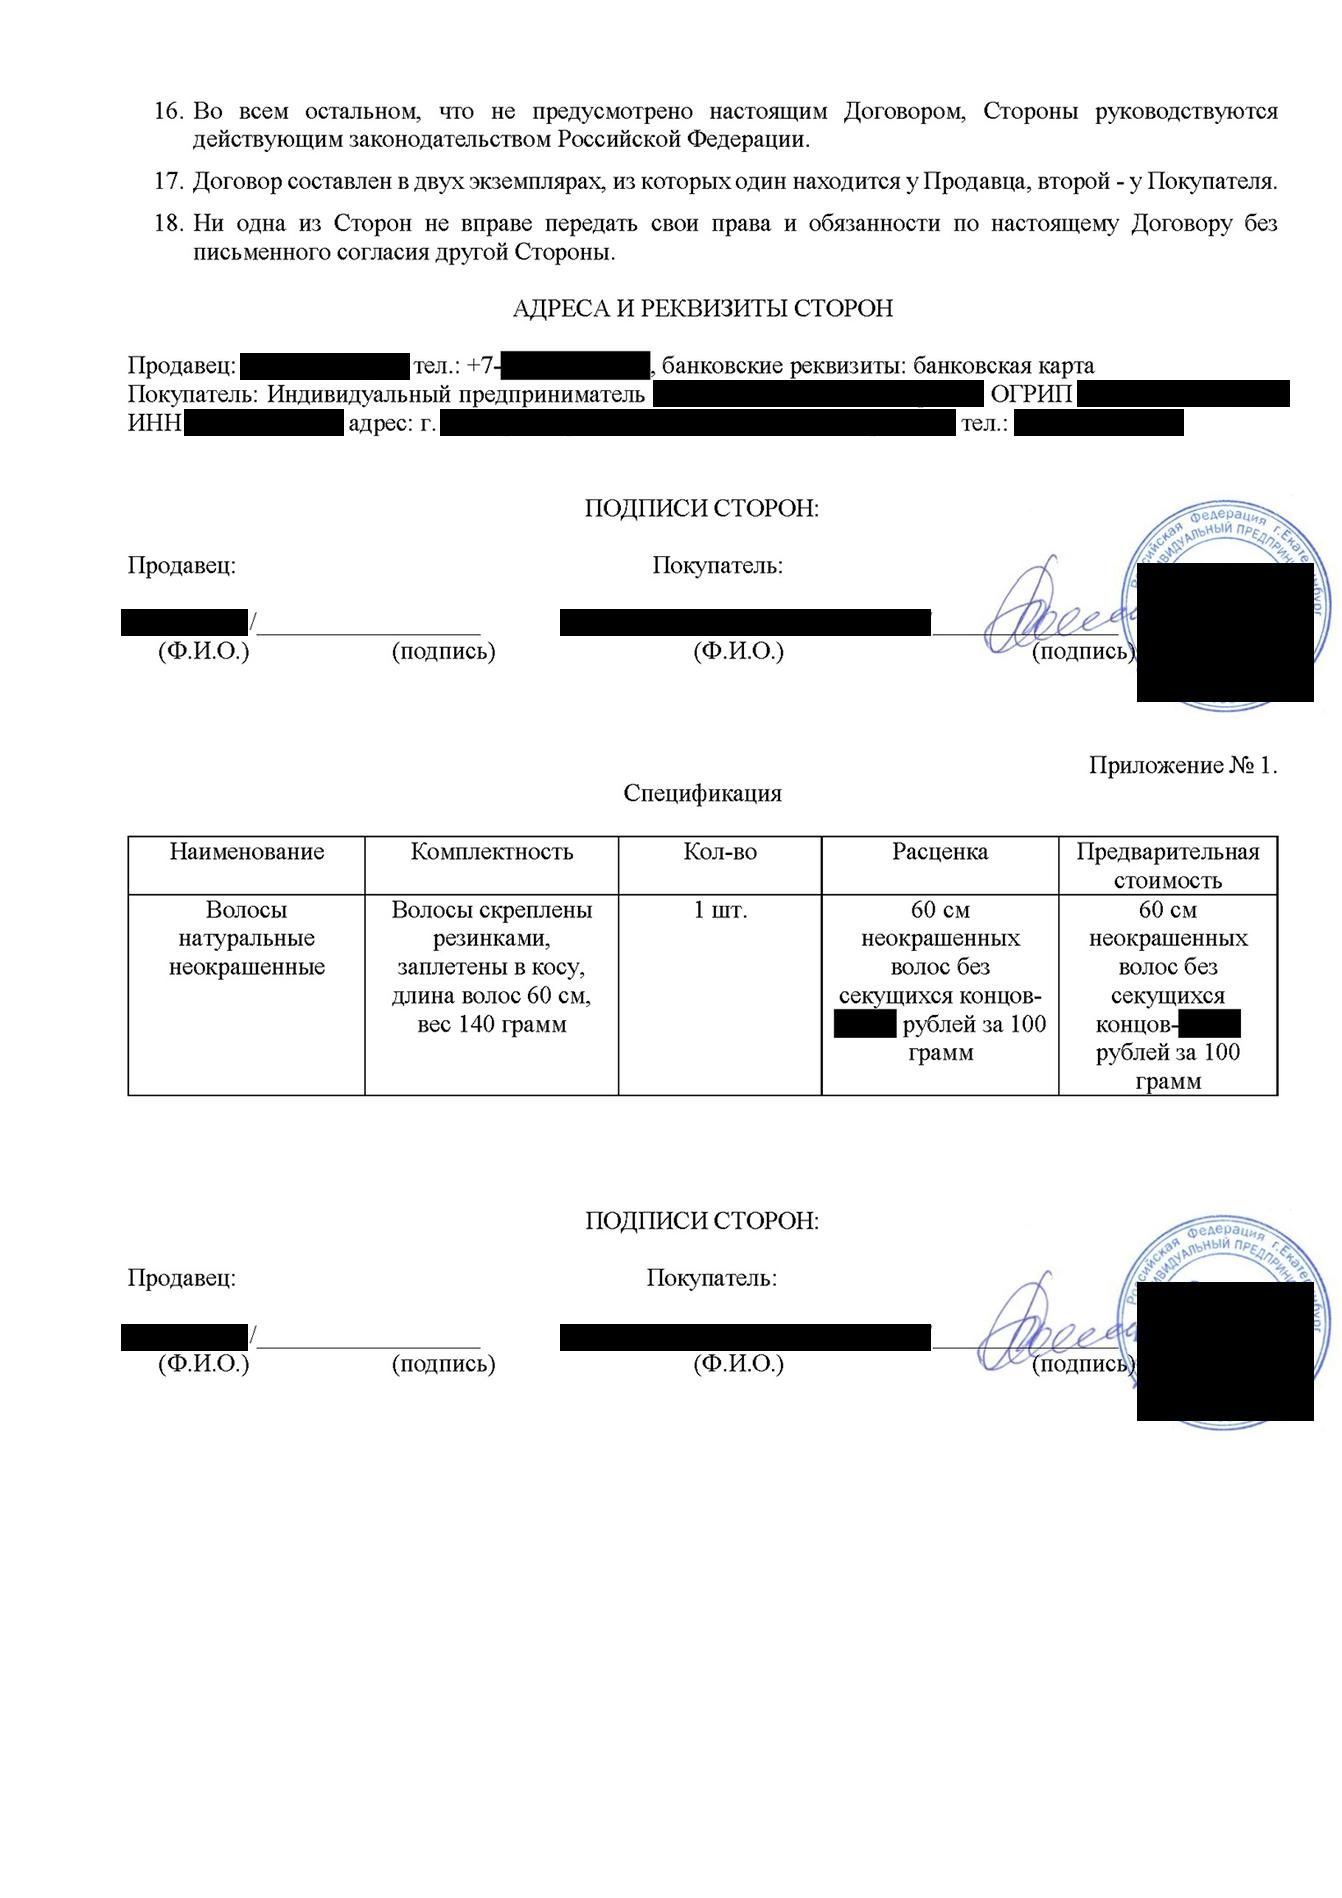 В качестве гарантии одна компания предложила заключить договор. Компания заполняет его, руководитель ставит печать и подпись, а скан отправляется мне по электронной почте. Моя подпись им не требуется